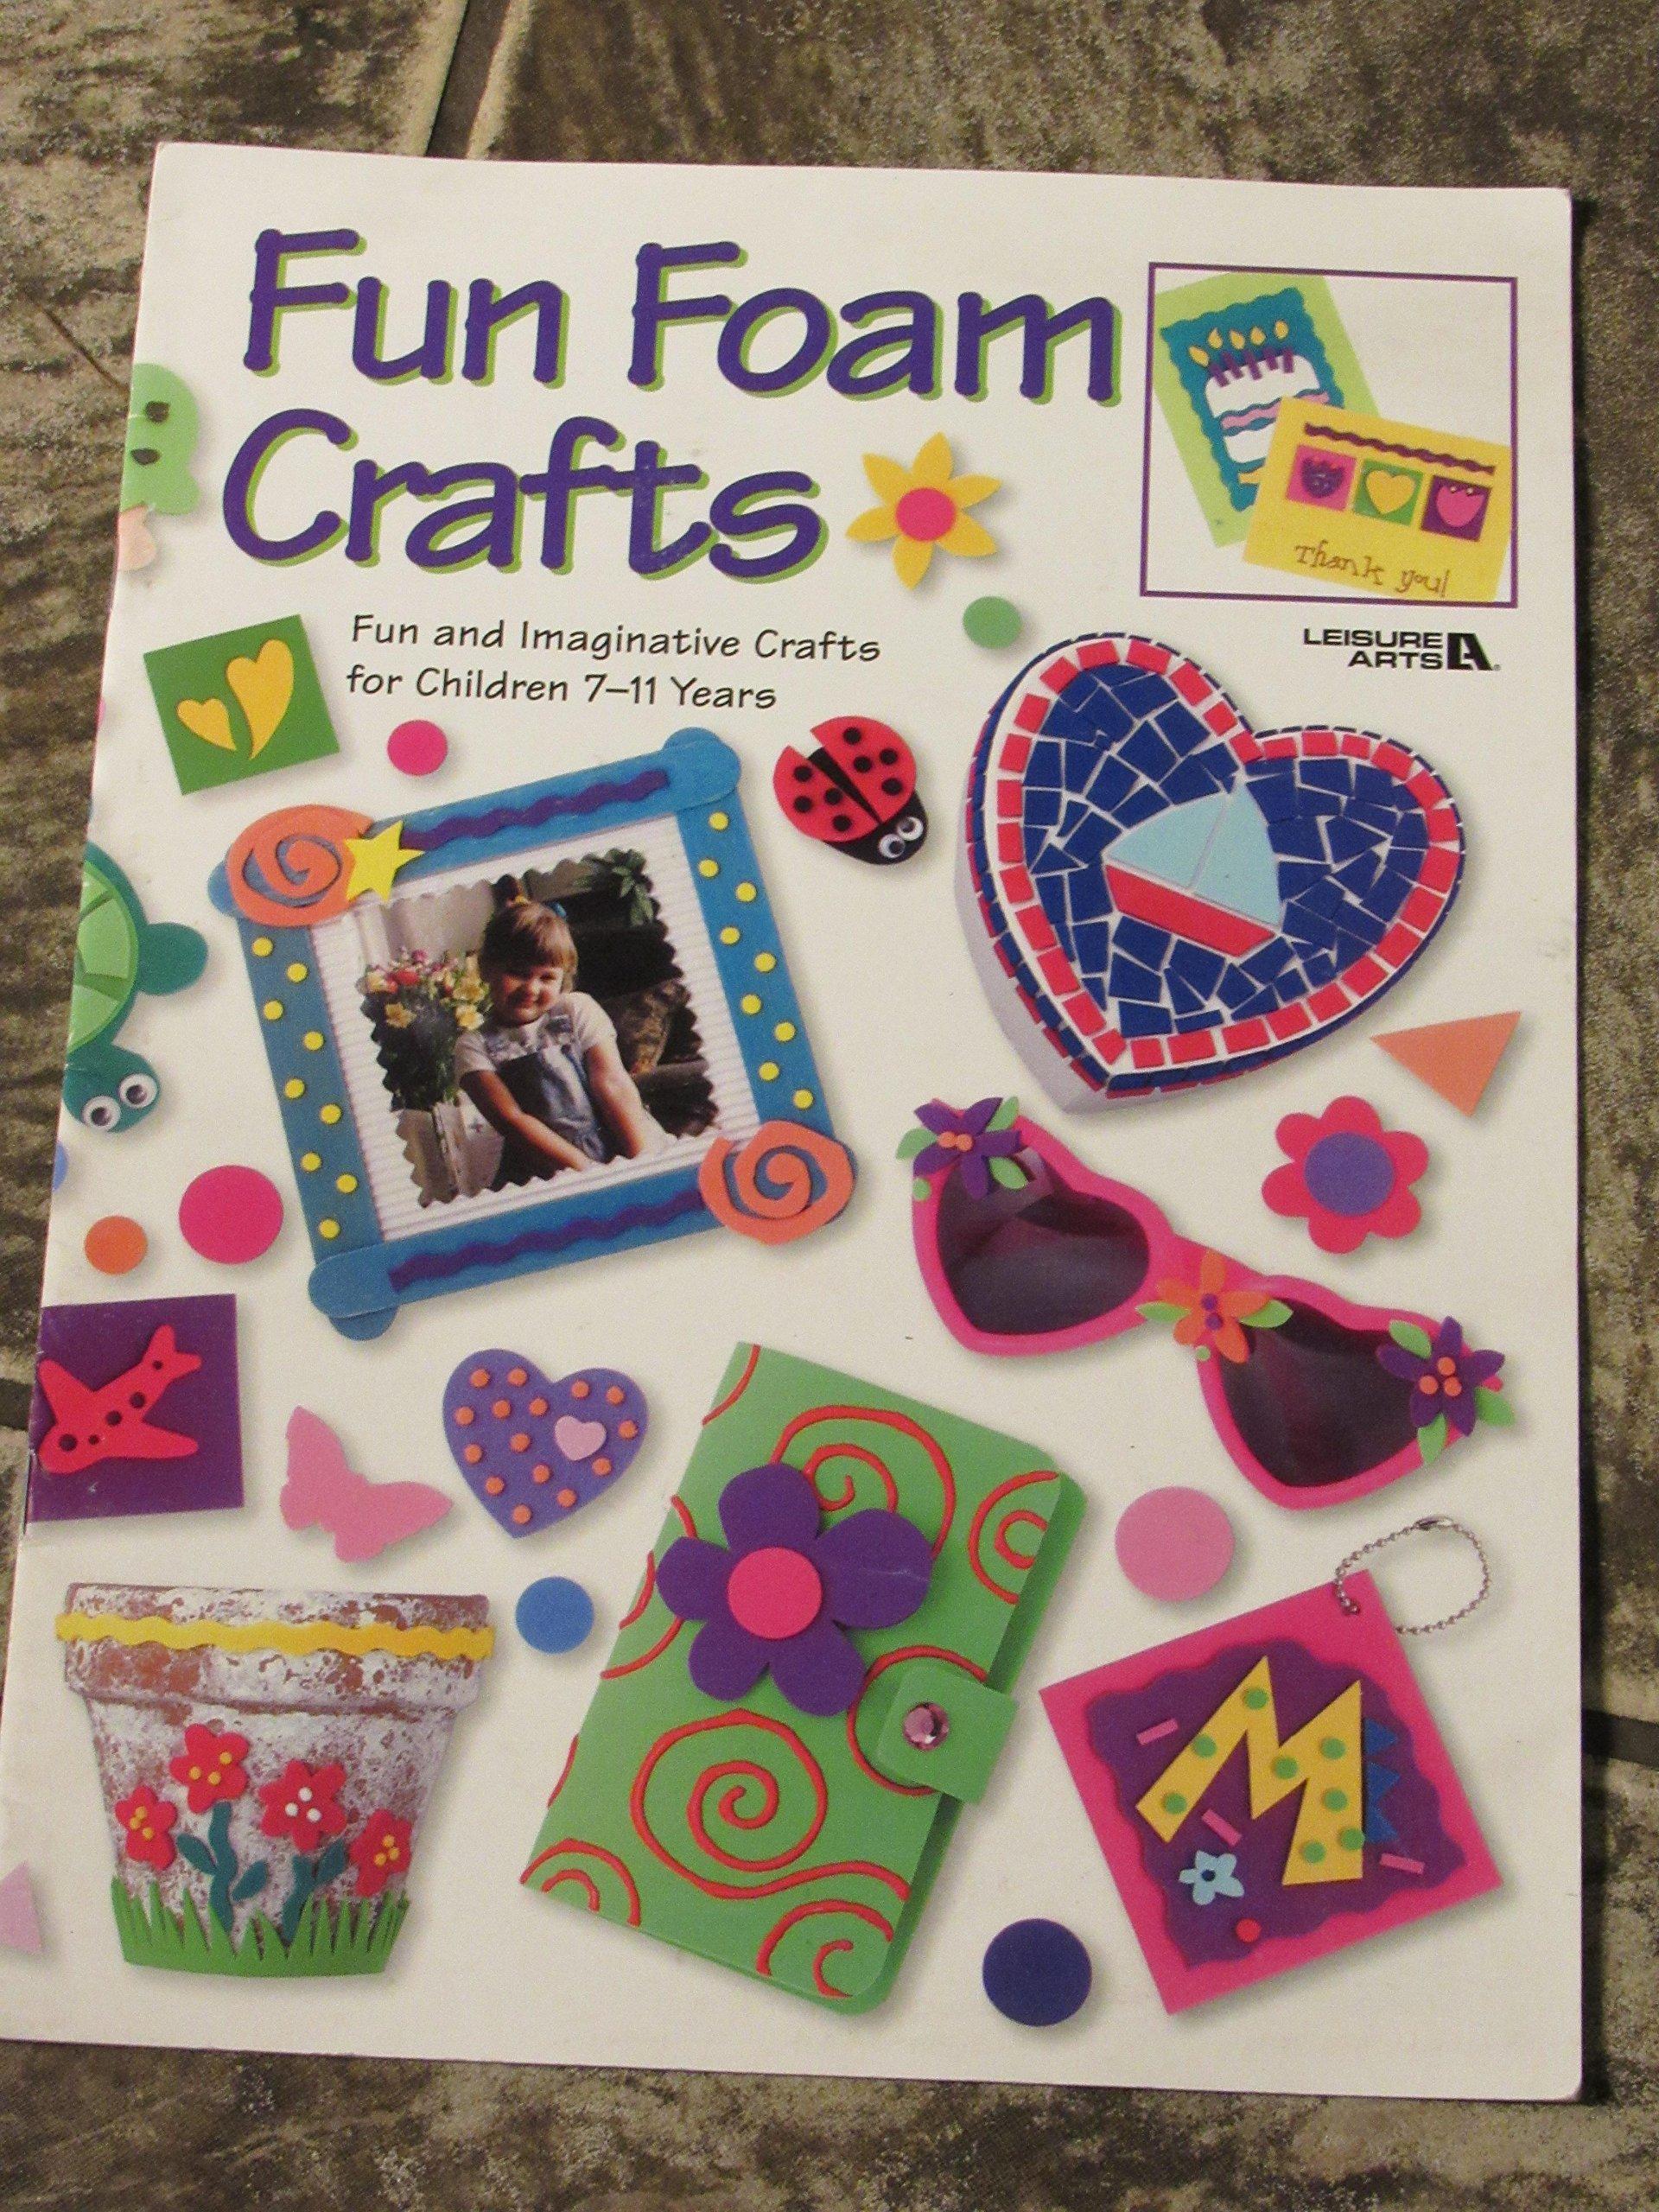 Fun Foam Crafts - fun and imaginative crafts for children 7-11 years pdf